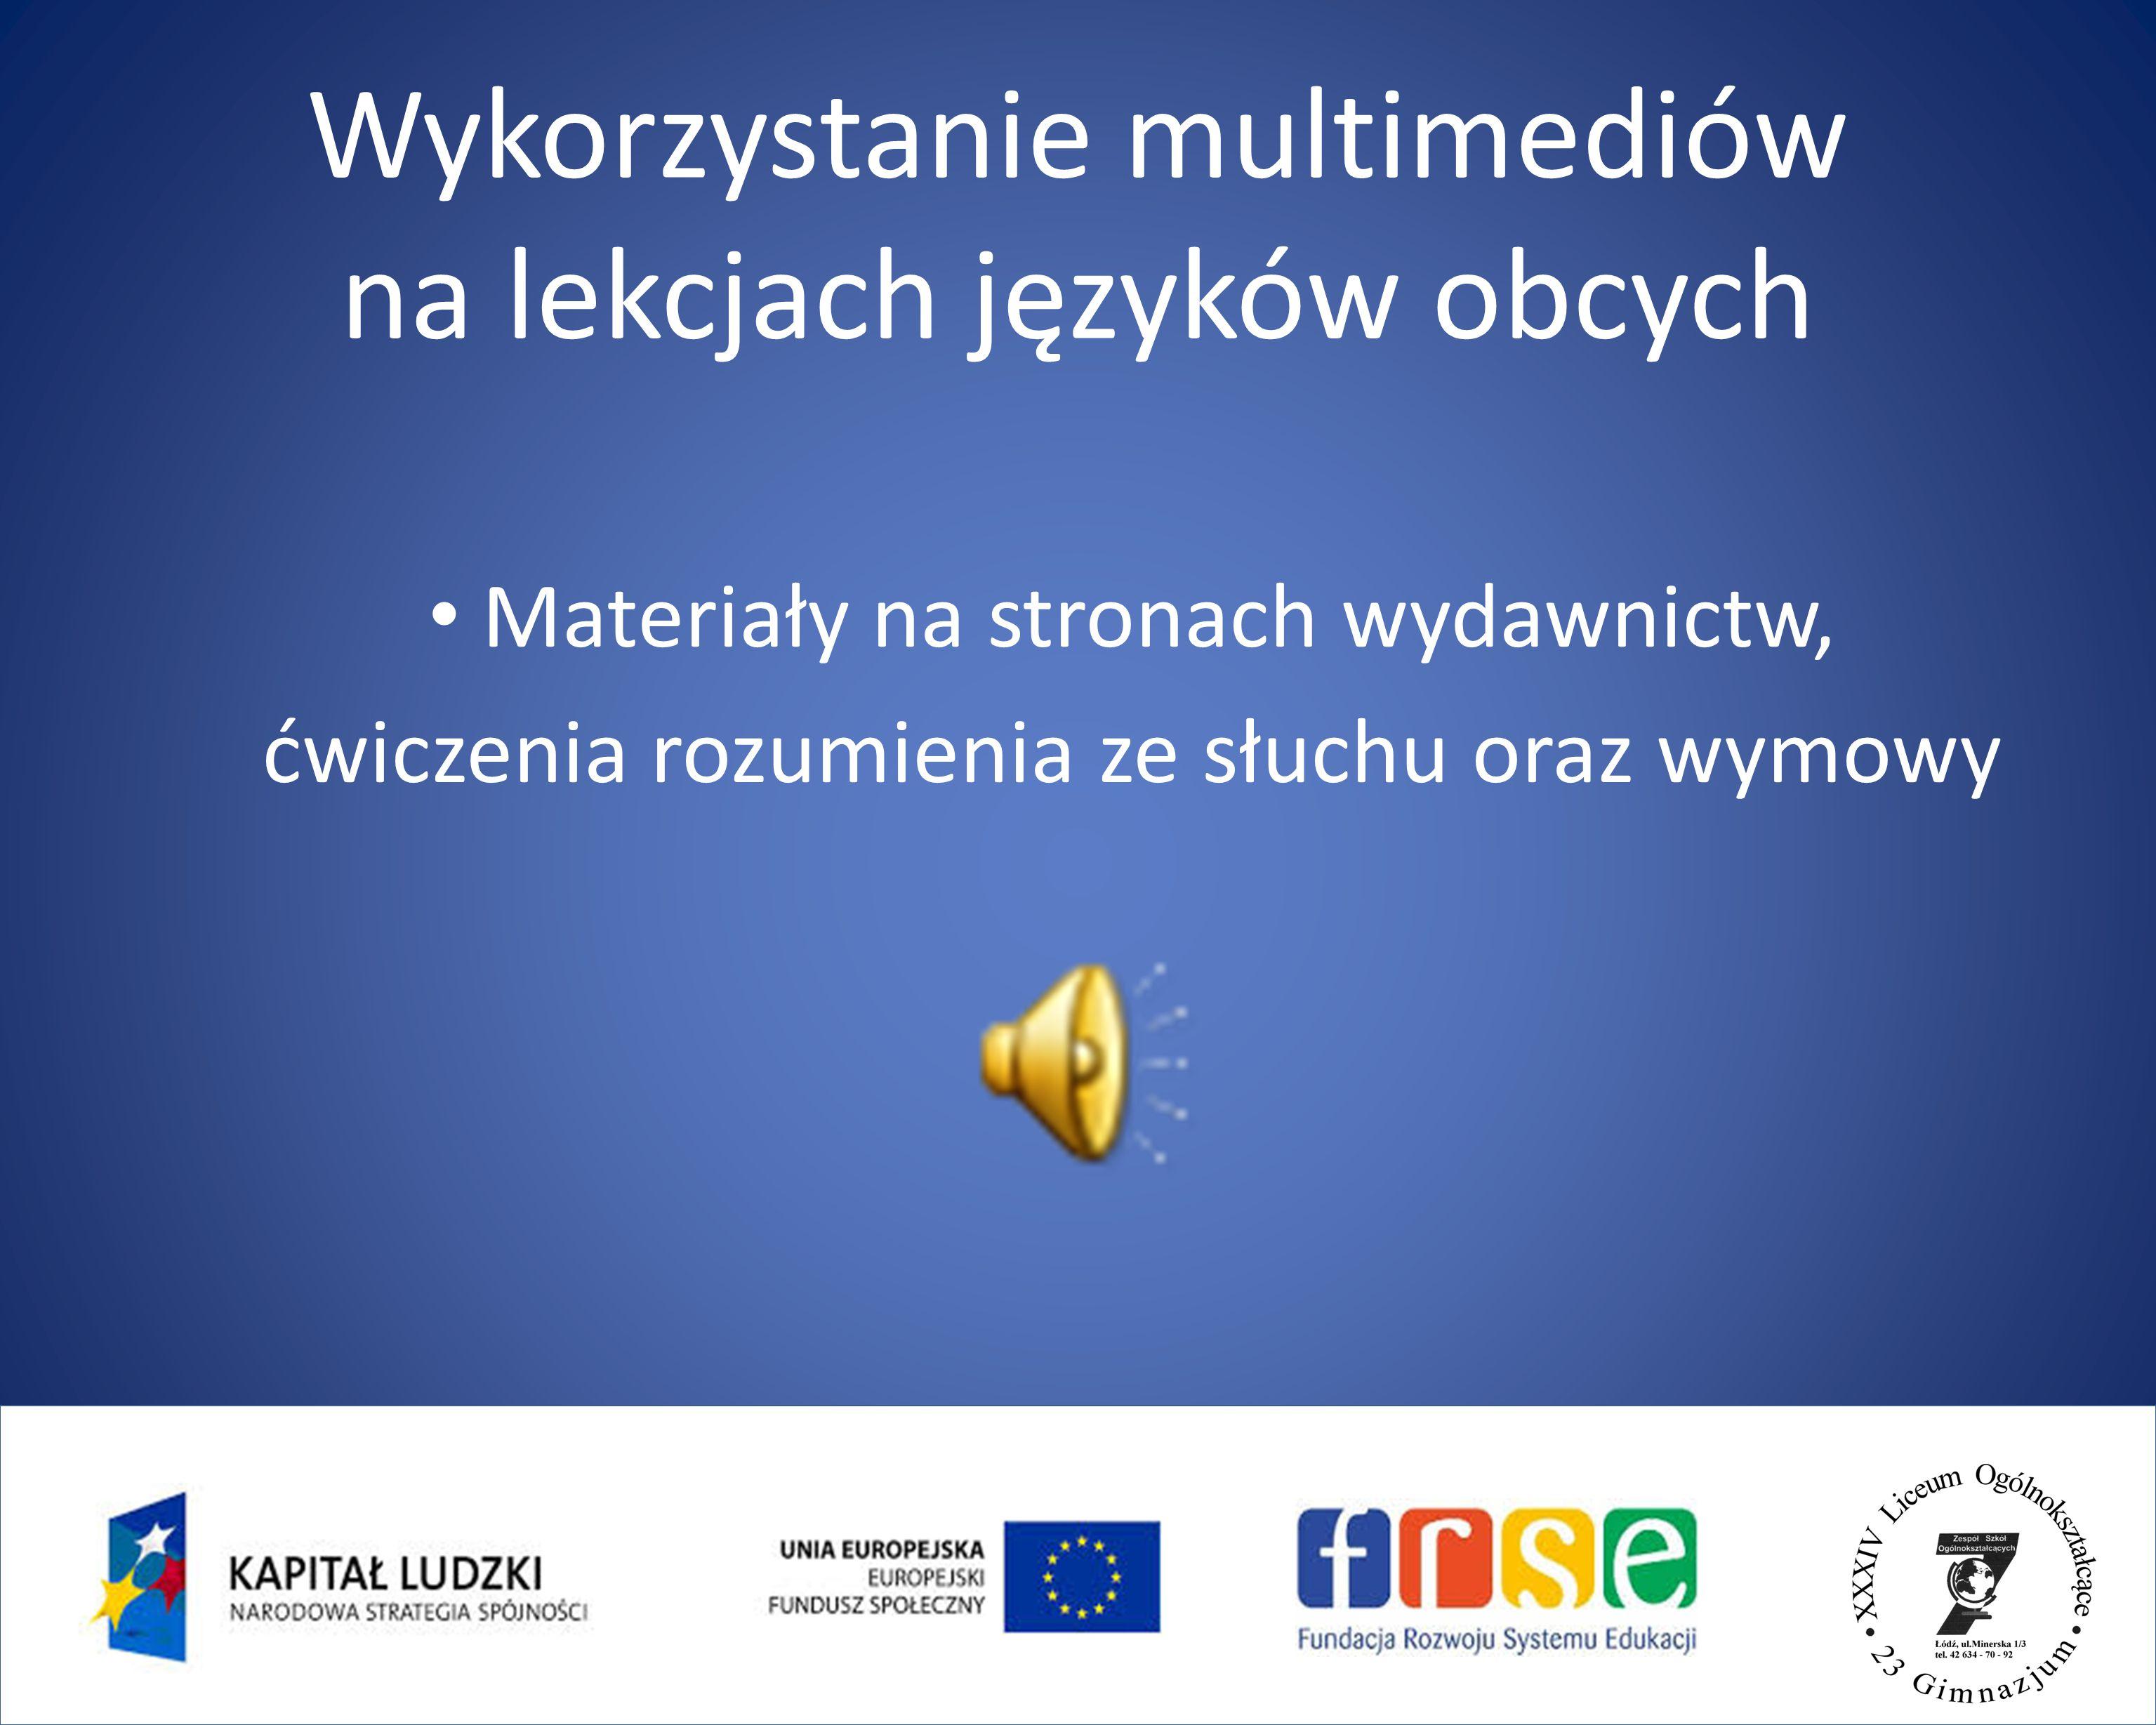 Wykorzystanie multimediów na lekcjach języków obcych Materiały na stronach wydawnictw, ćwiczenia rozumienia ze słuchu oraz wymowy